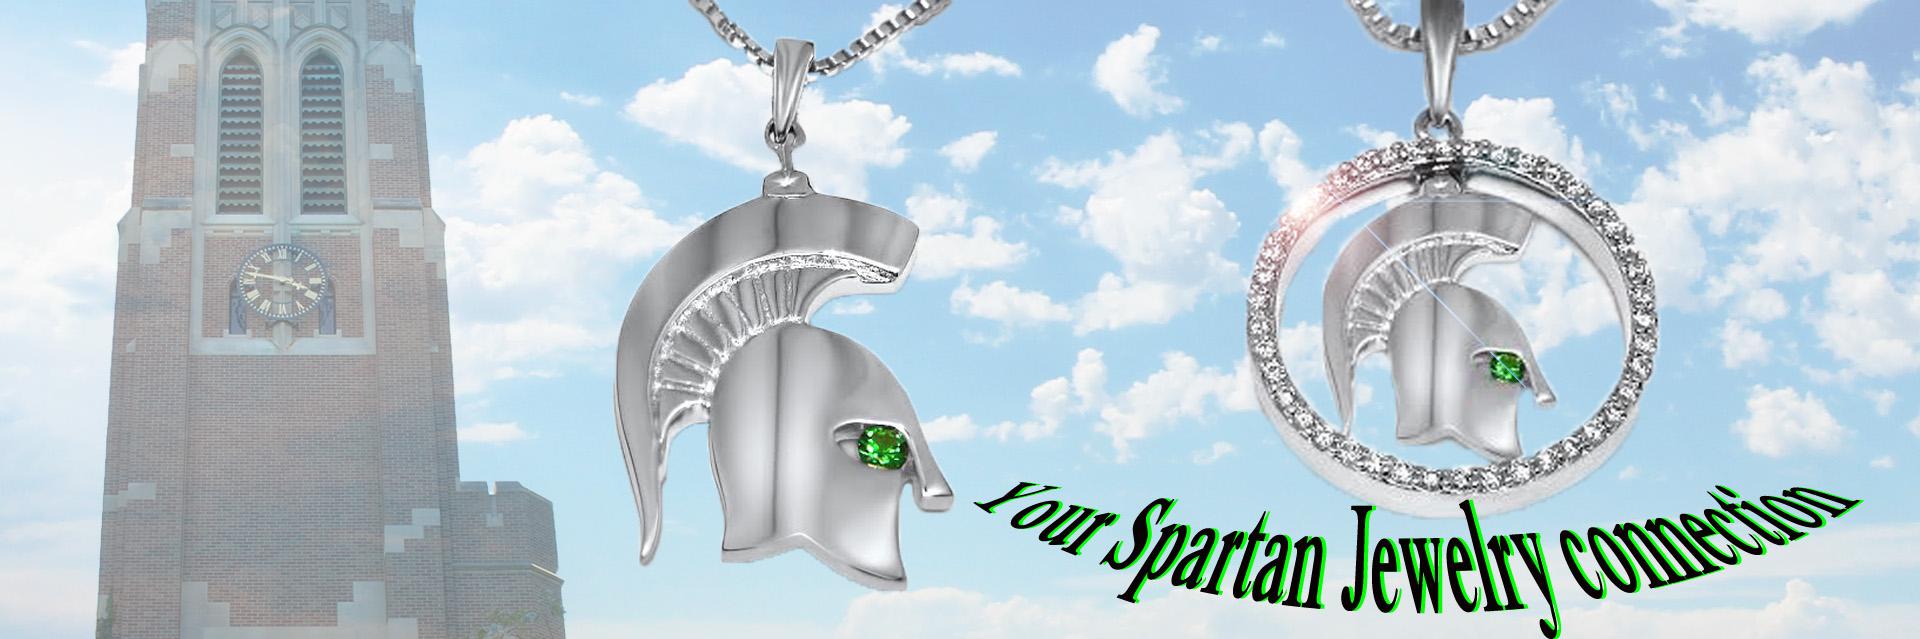 MSU-Spartan-Pendants